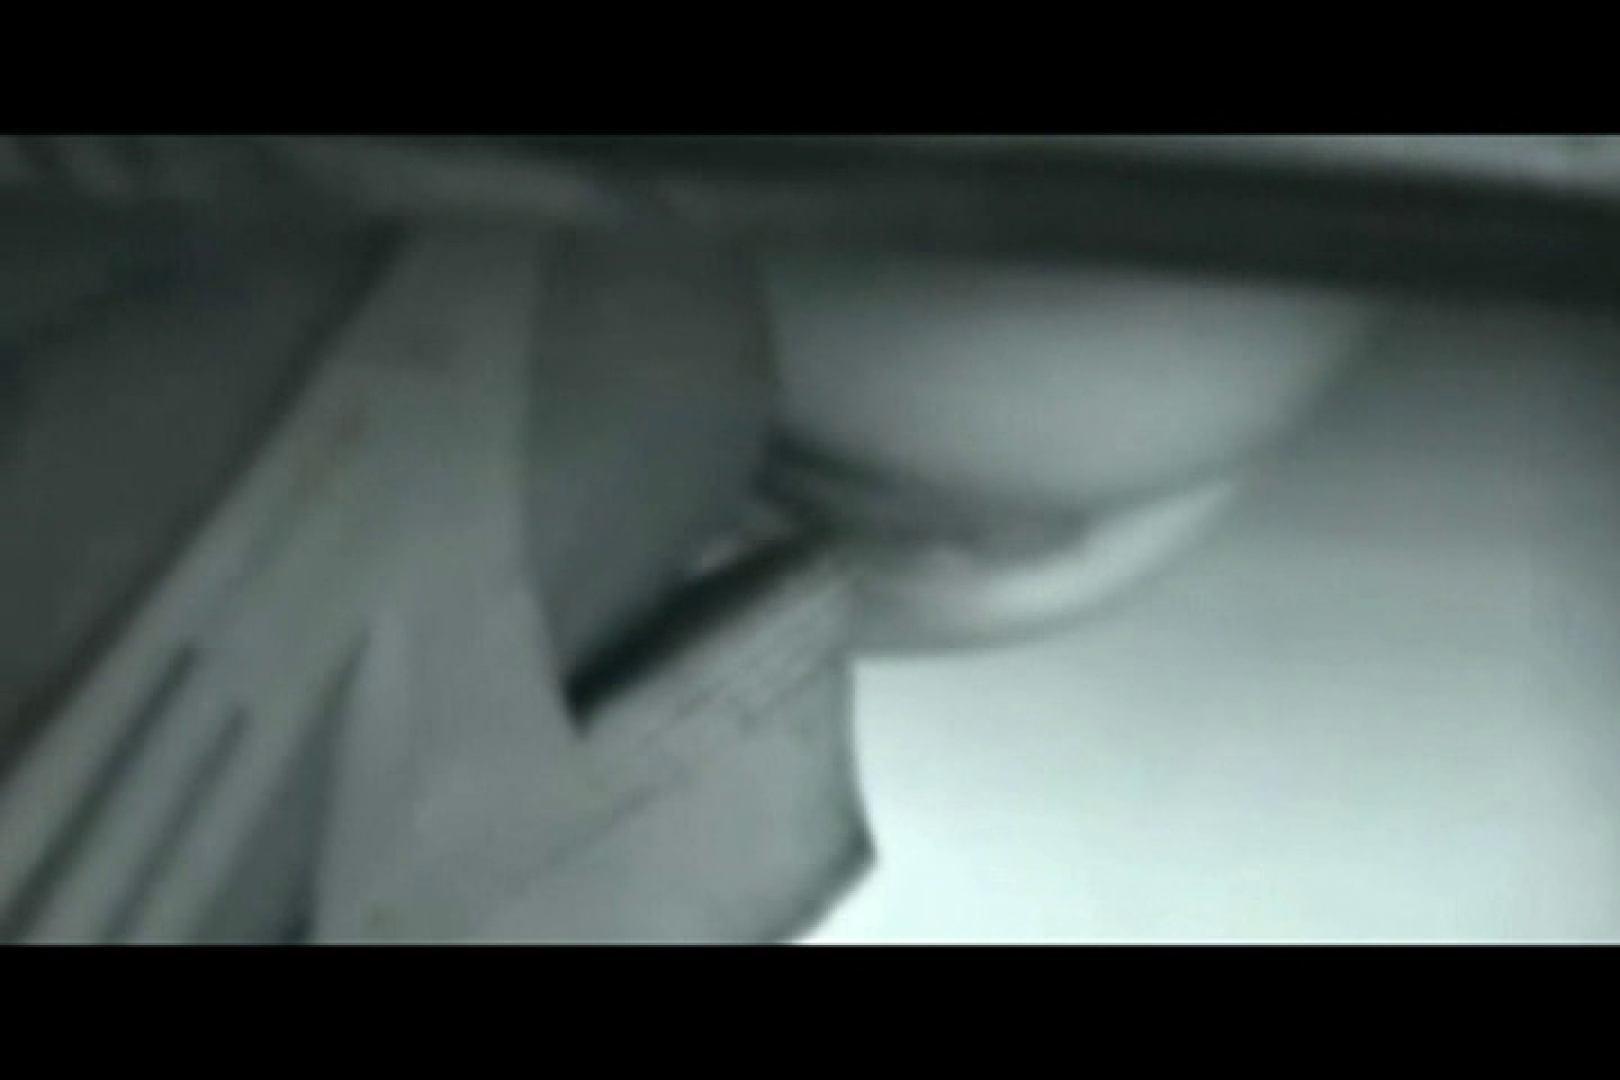 ぼっとん洗面所スペシャルVol.17 洗面所 アダルト動画キャプチャ 80画像 62